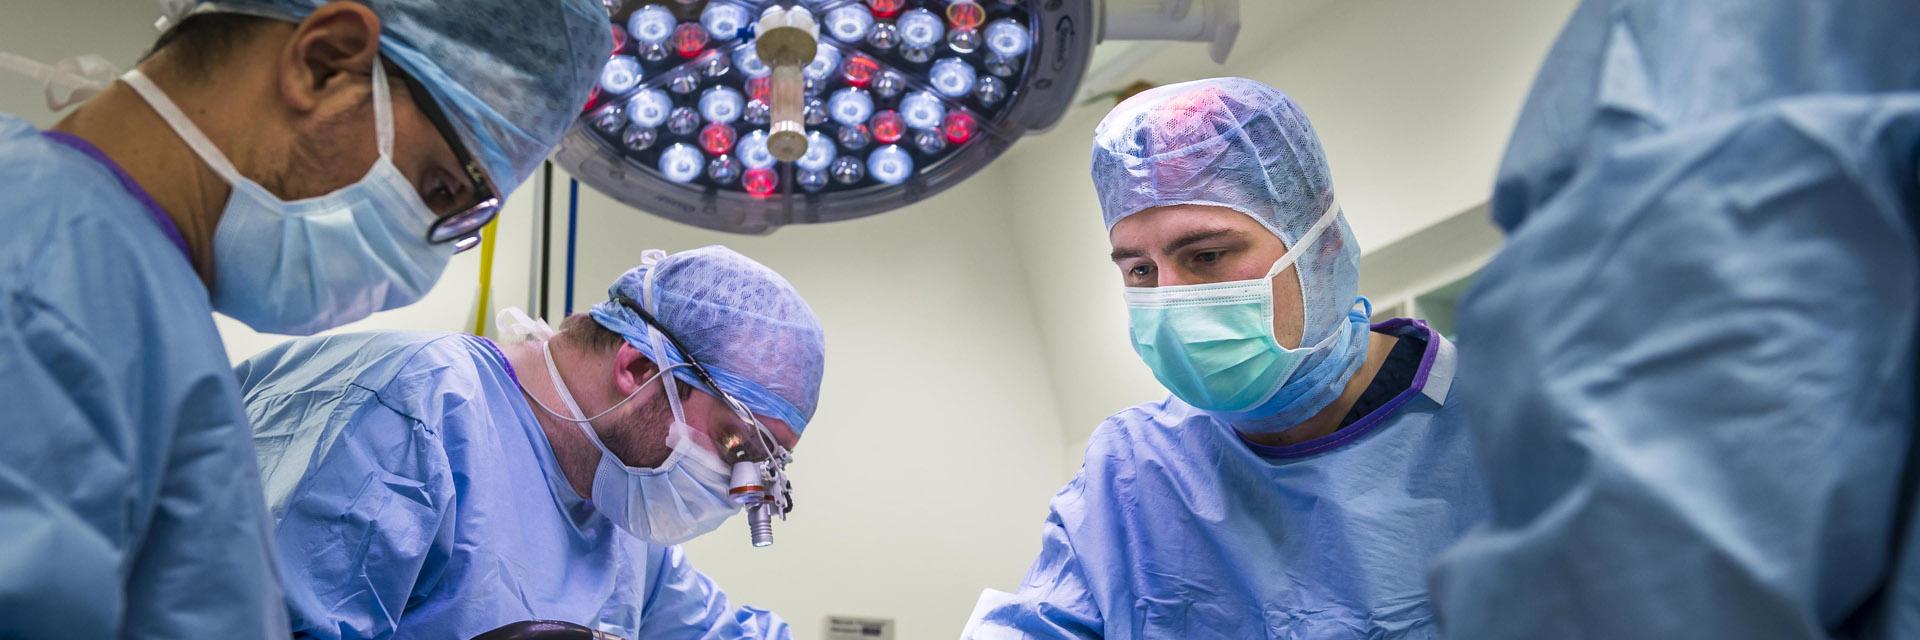 Fitzpatrick Referrals Neurology Team in Surgery